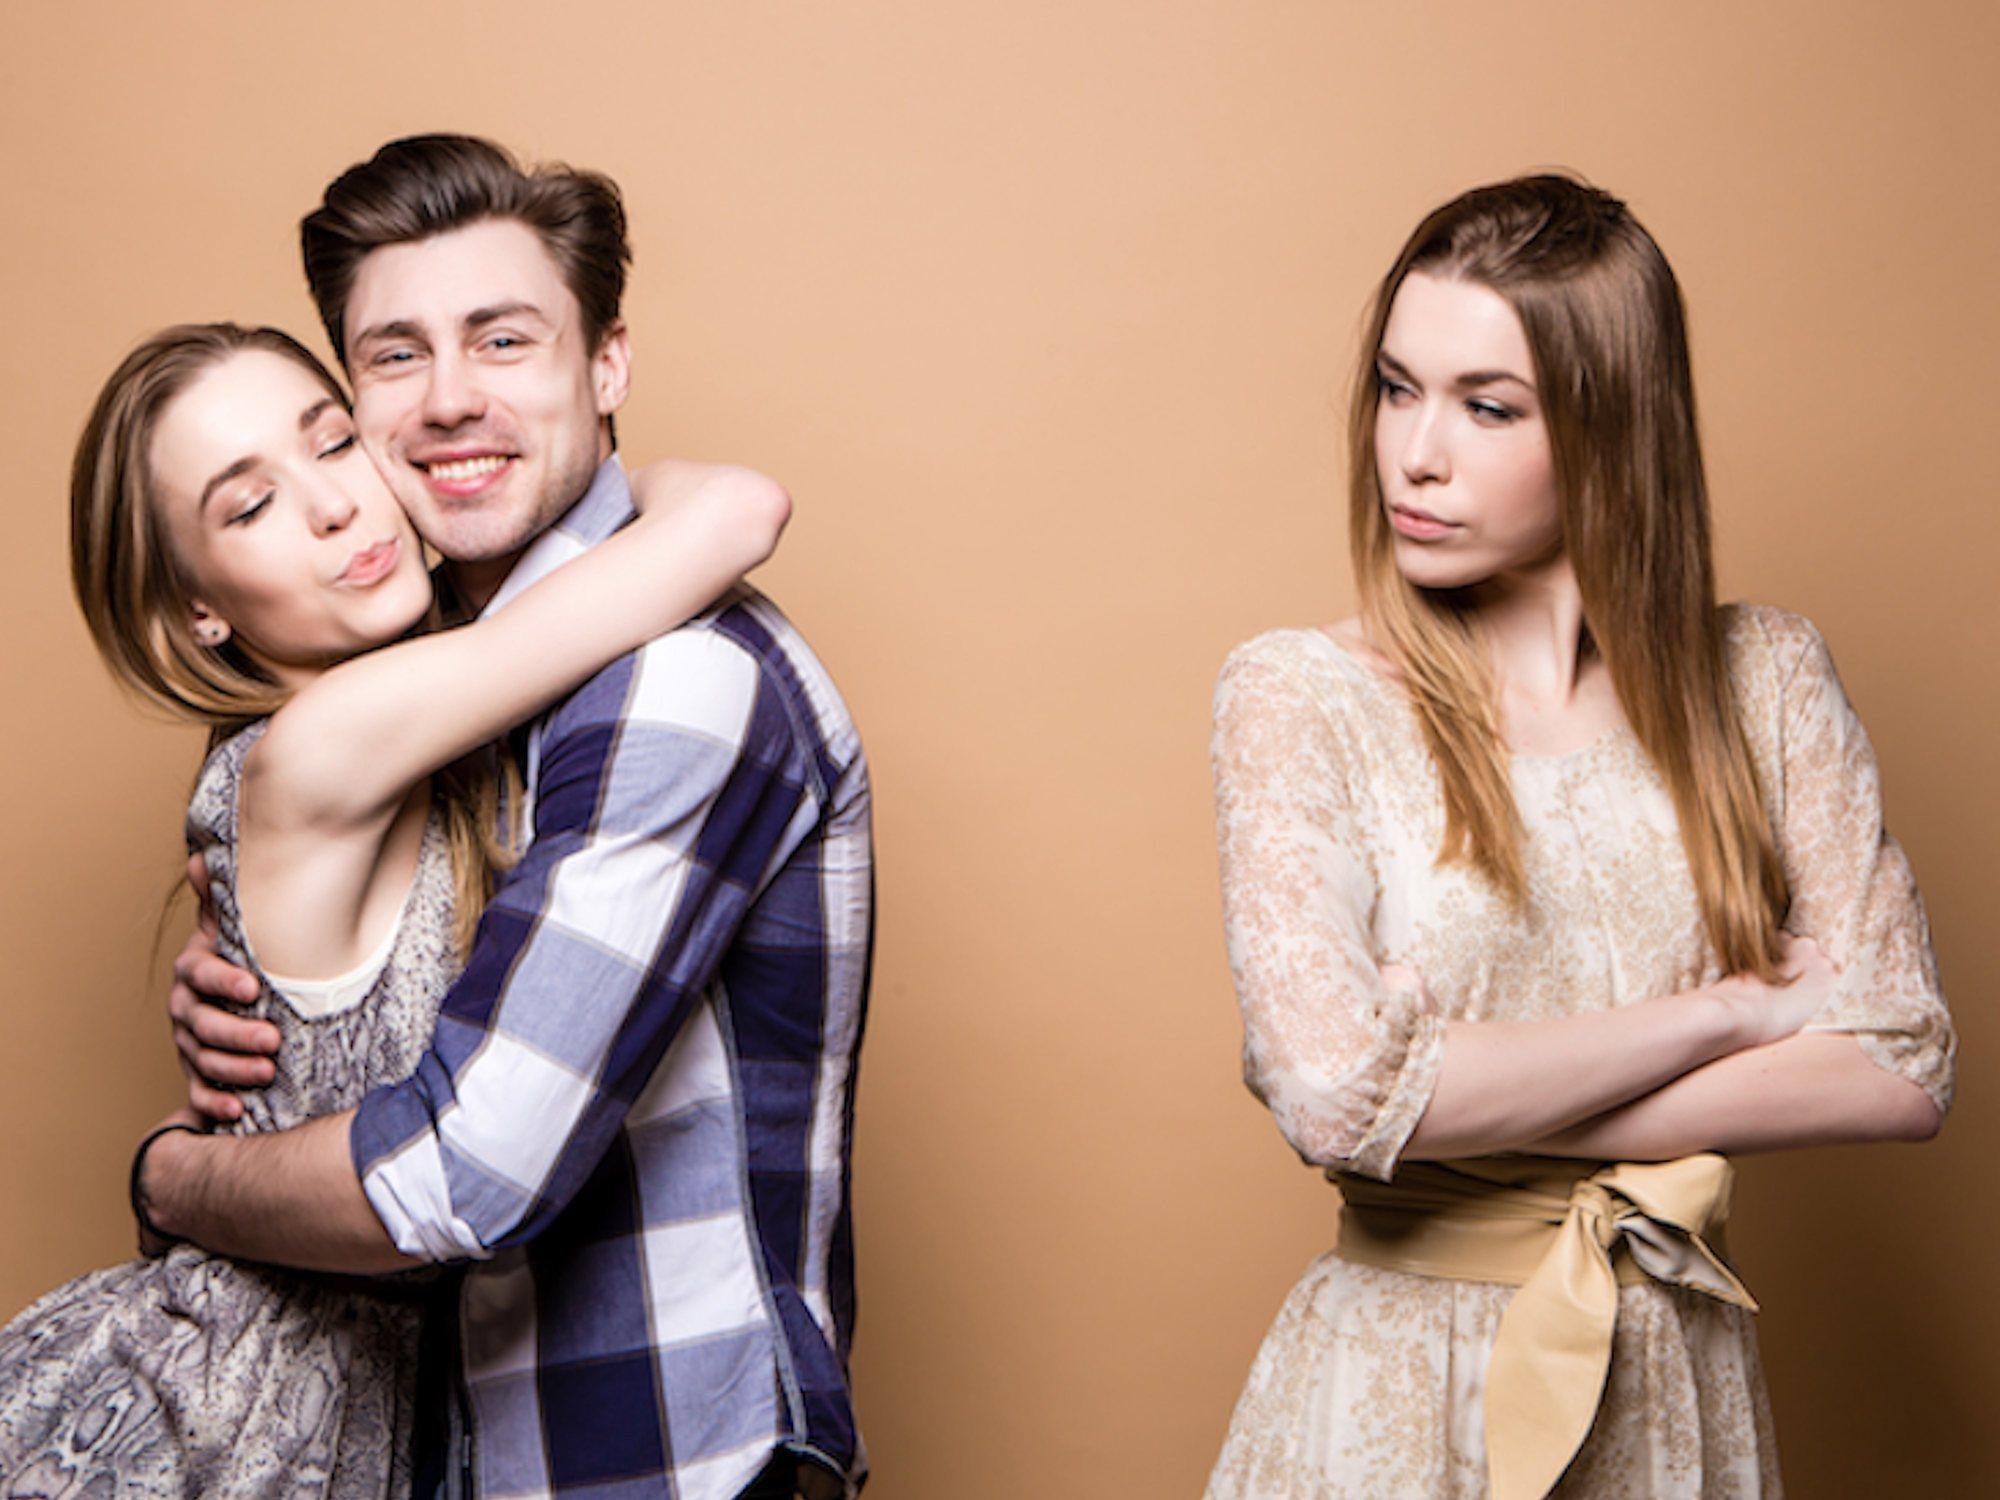 Estar soltero sale caro: las personas sin pareja pagan 7.500 euros más de media al año